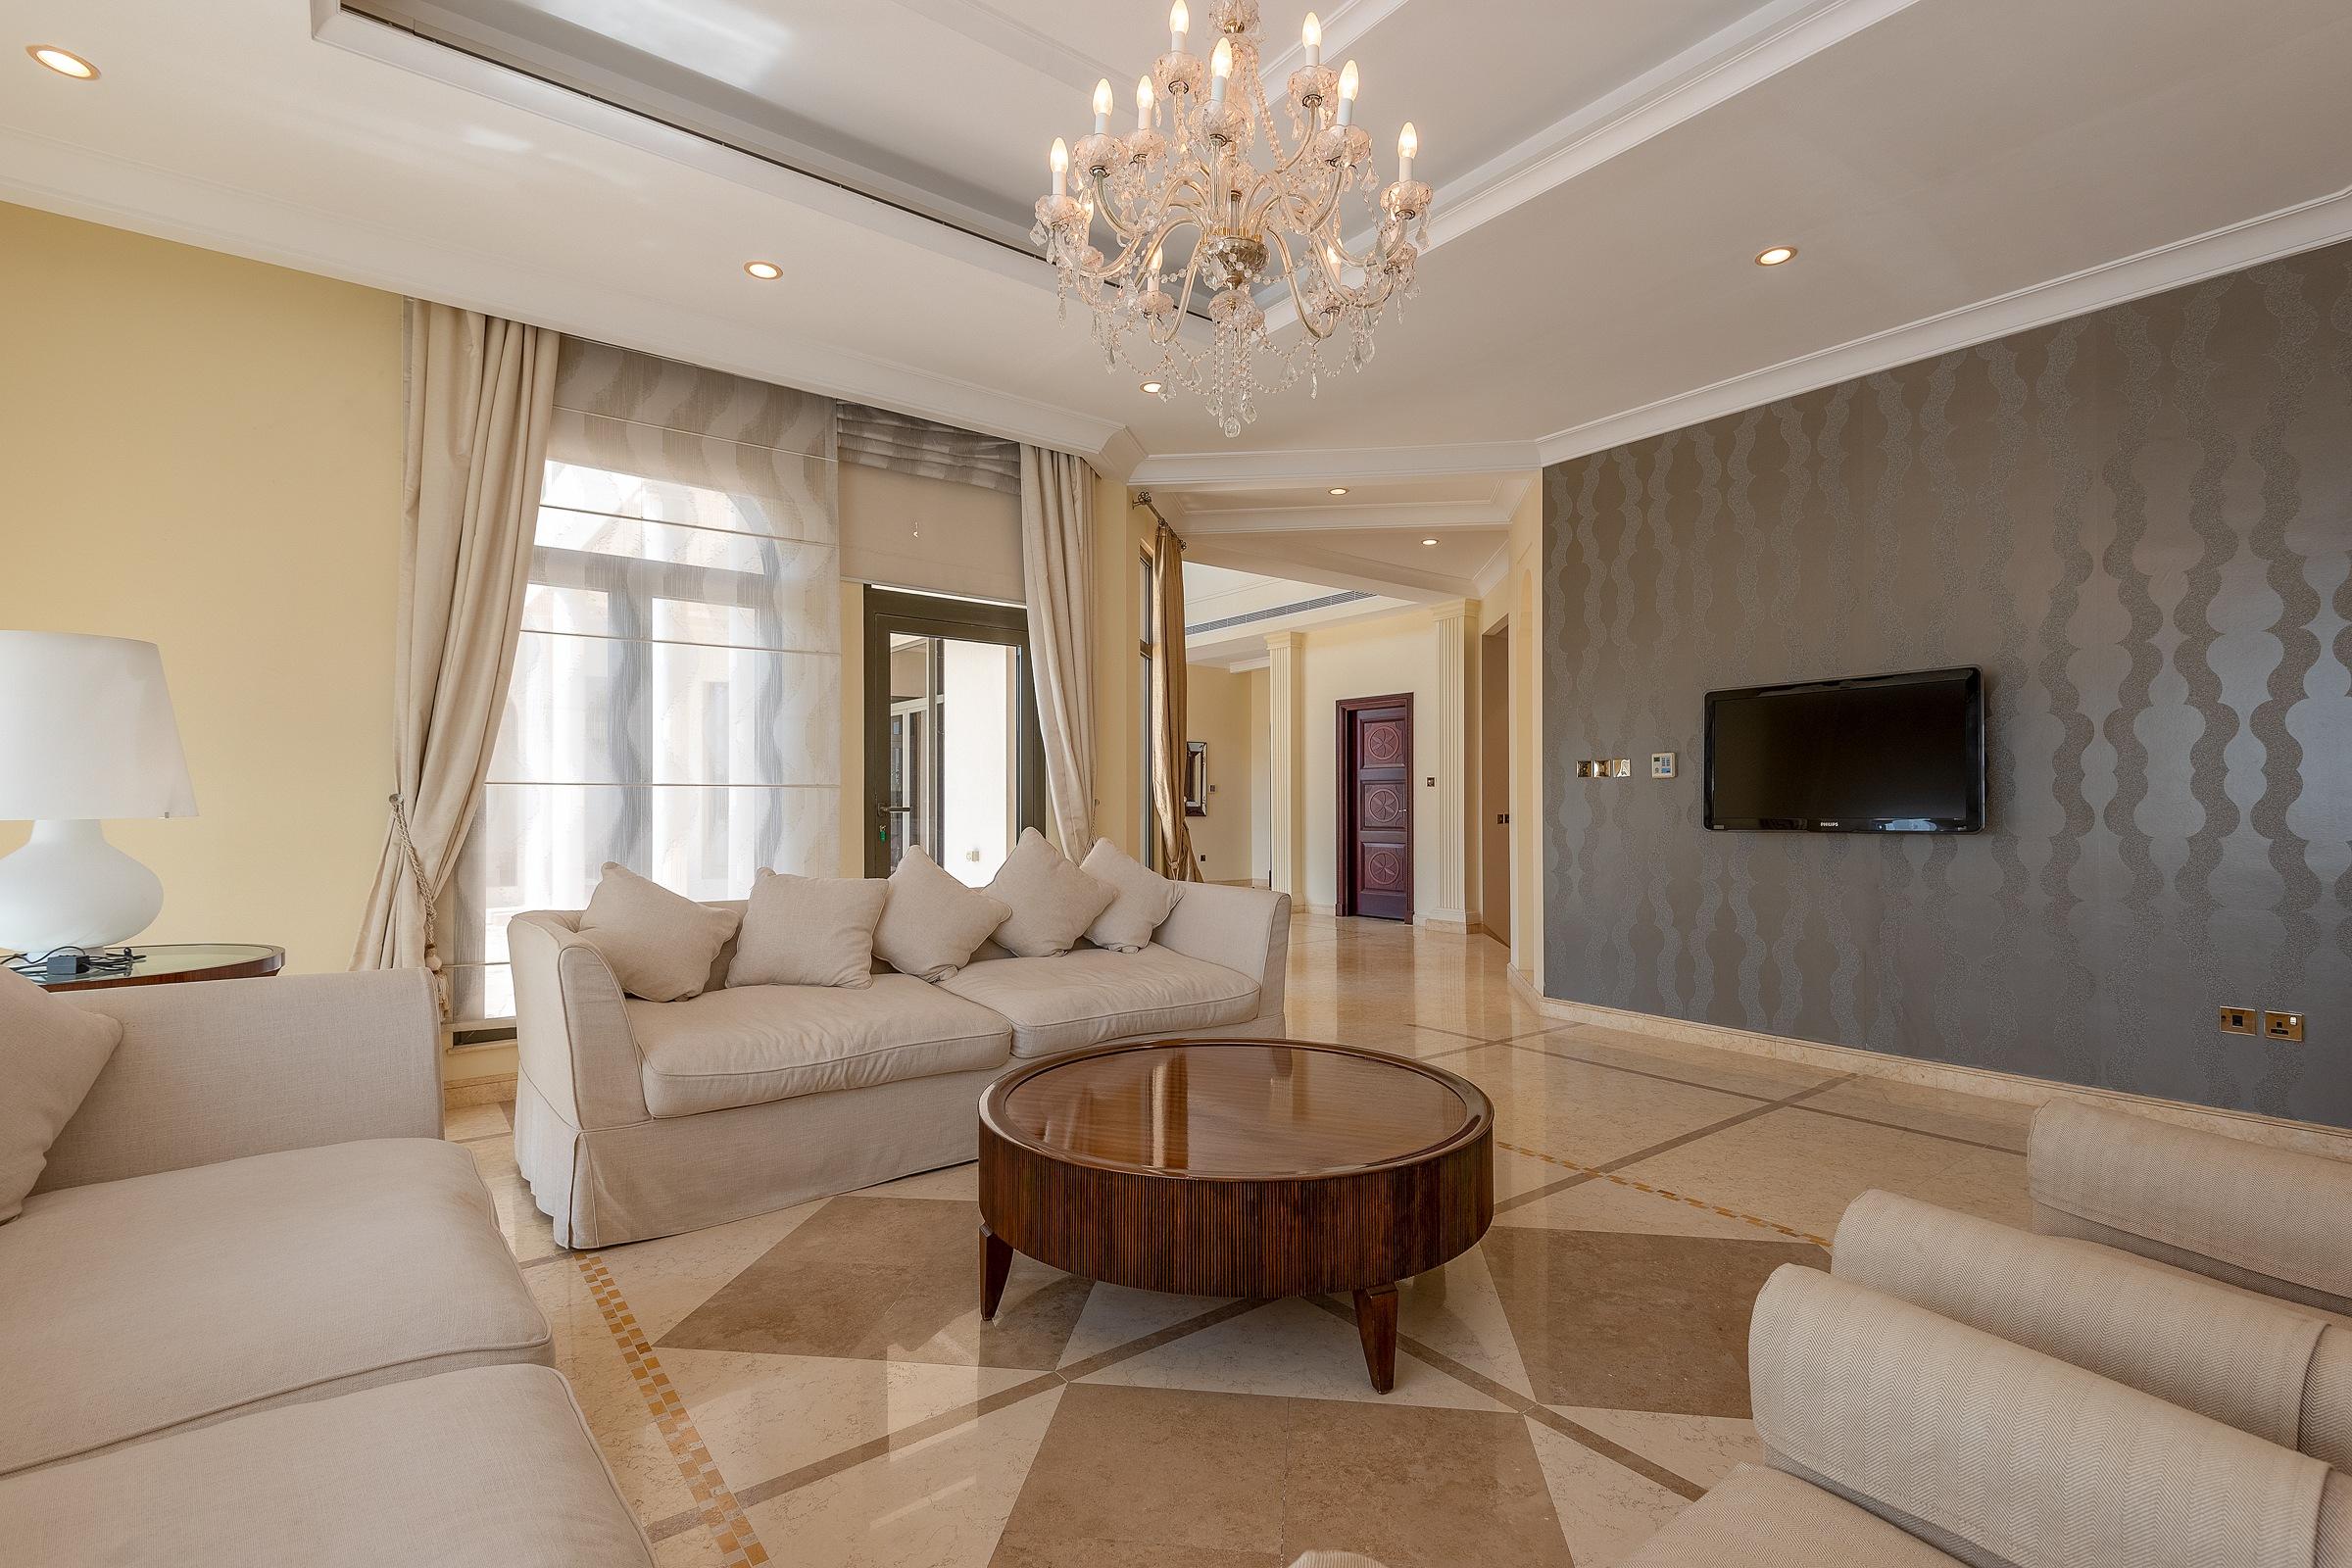 Exquisite | 5 Bedrooms | Gallery Views